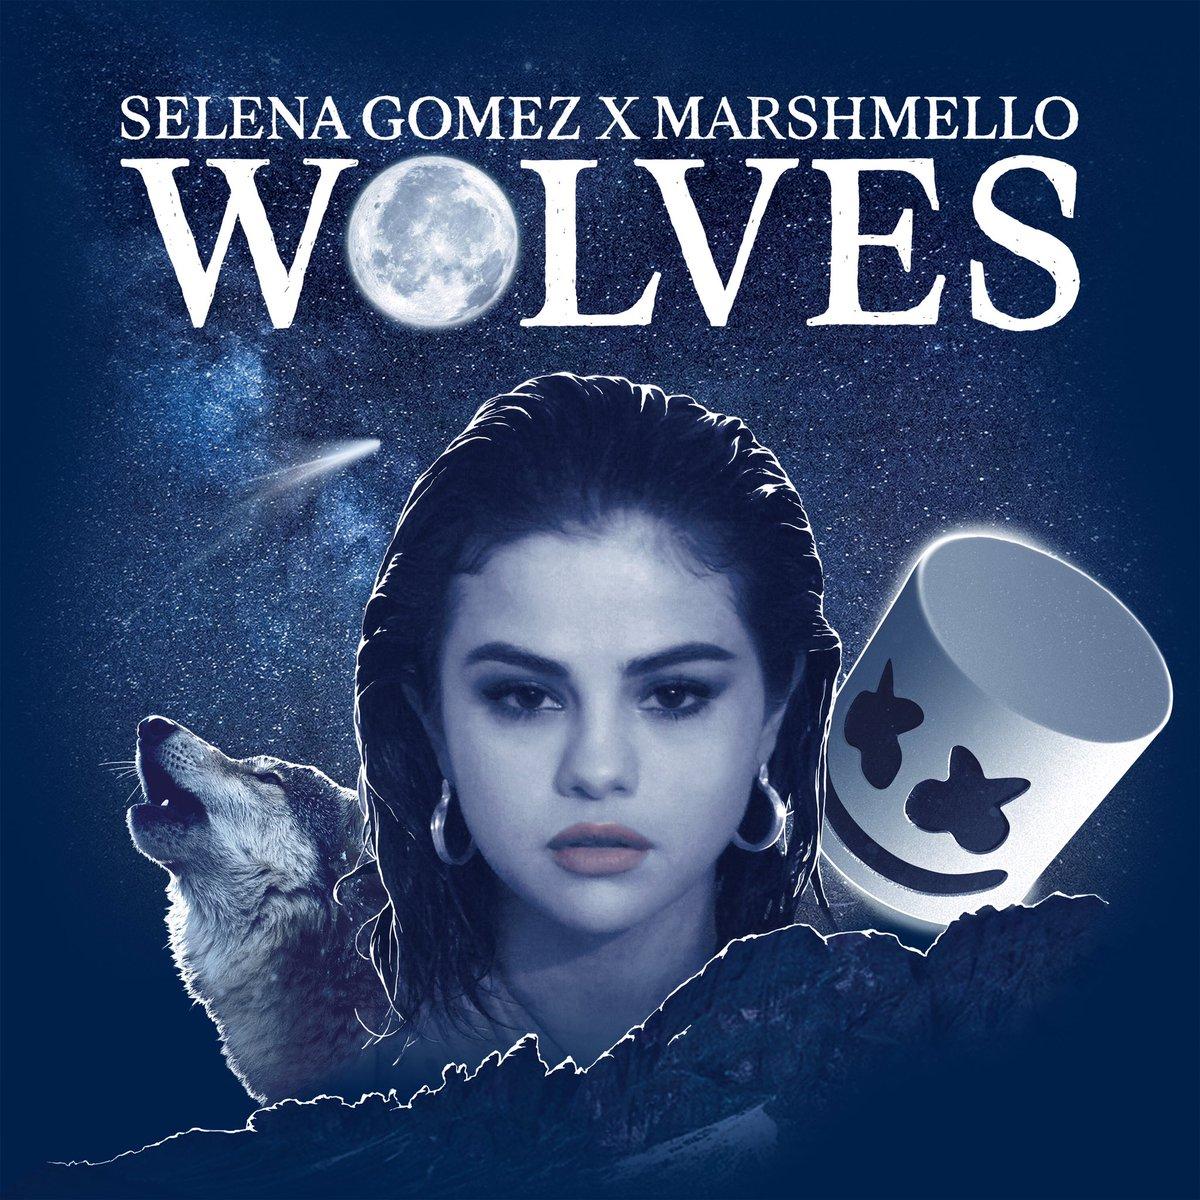 Afbeeldingen van The Heart Wants What It Wants For You Selena